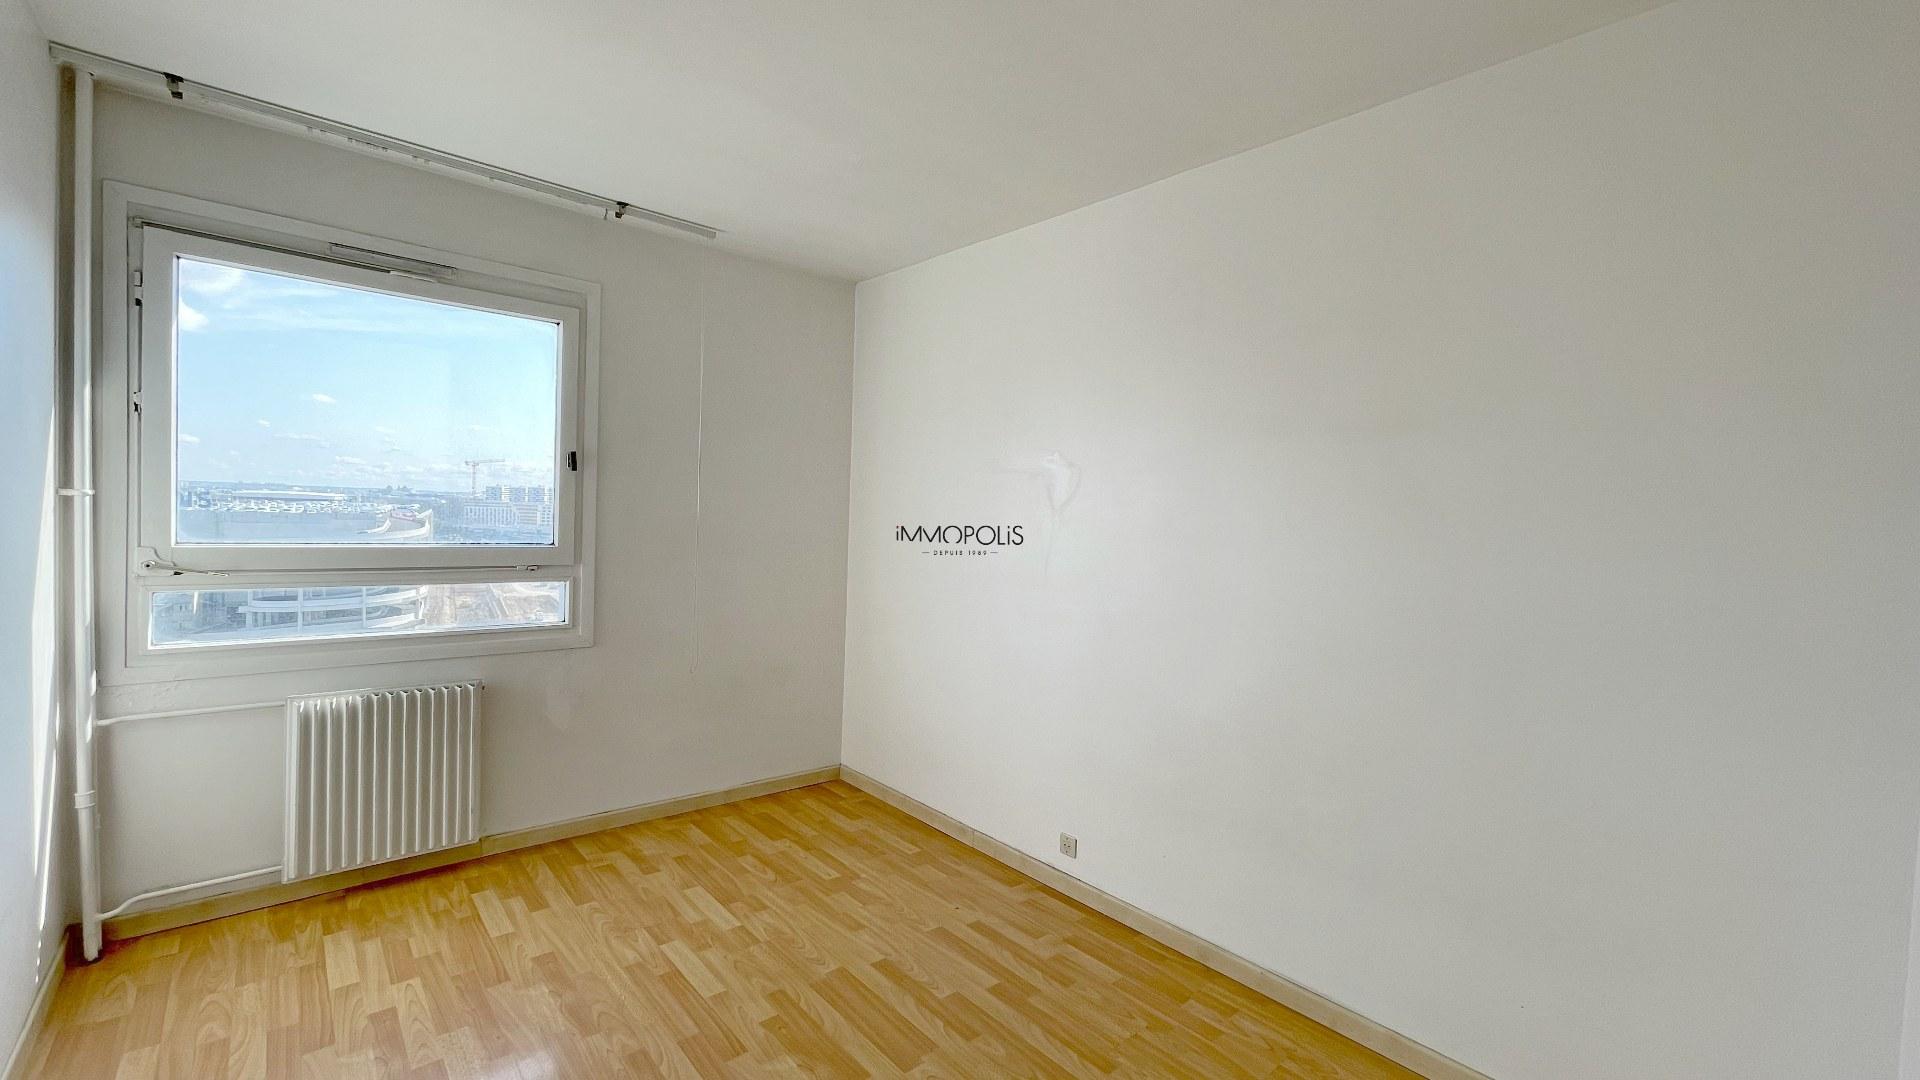 Appartement 3 pièces avec vue dégagée de 63.45m2 vendu avec un box ! 5